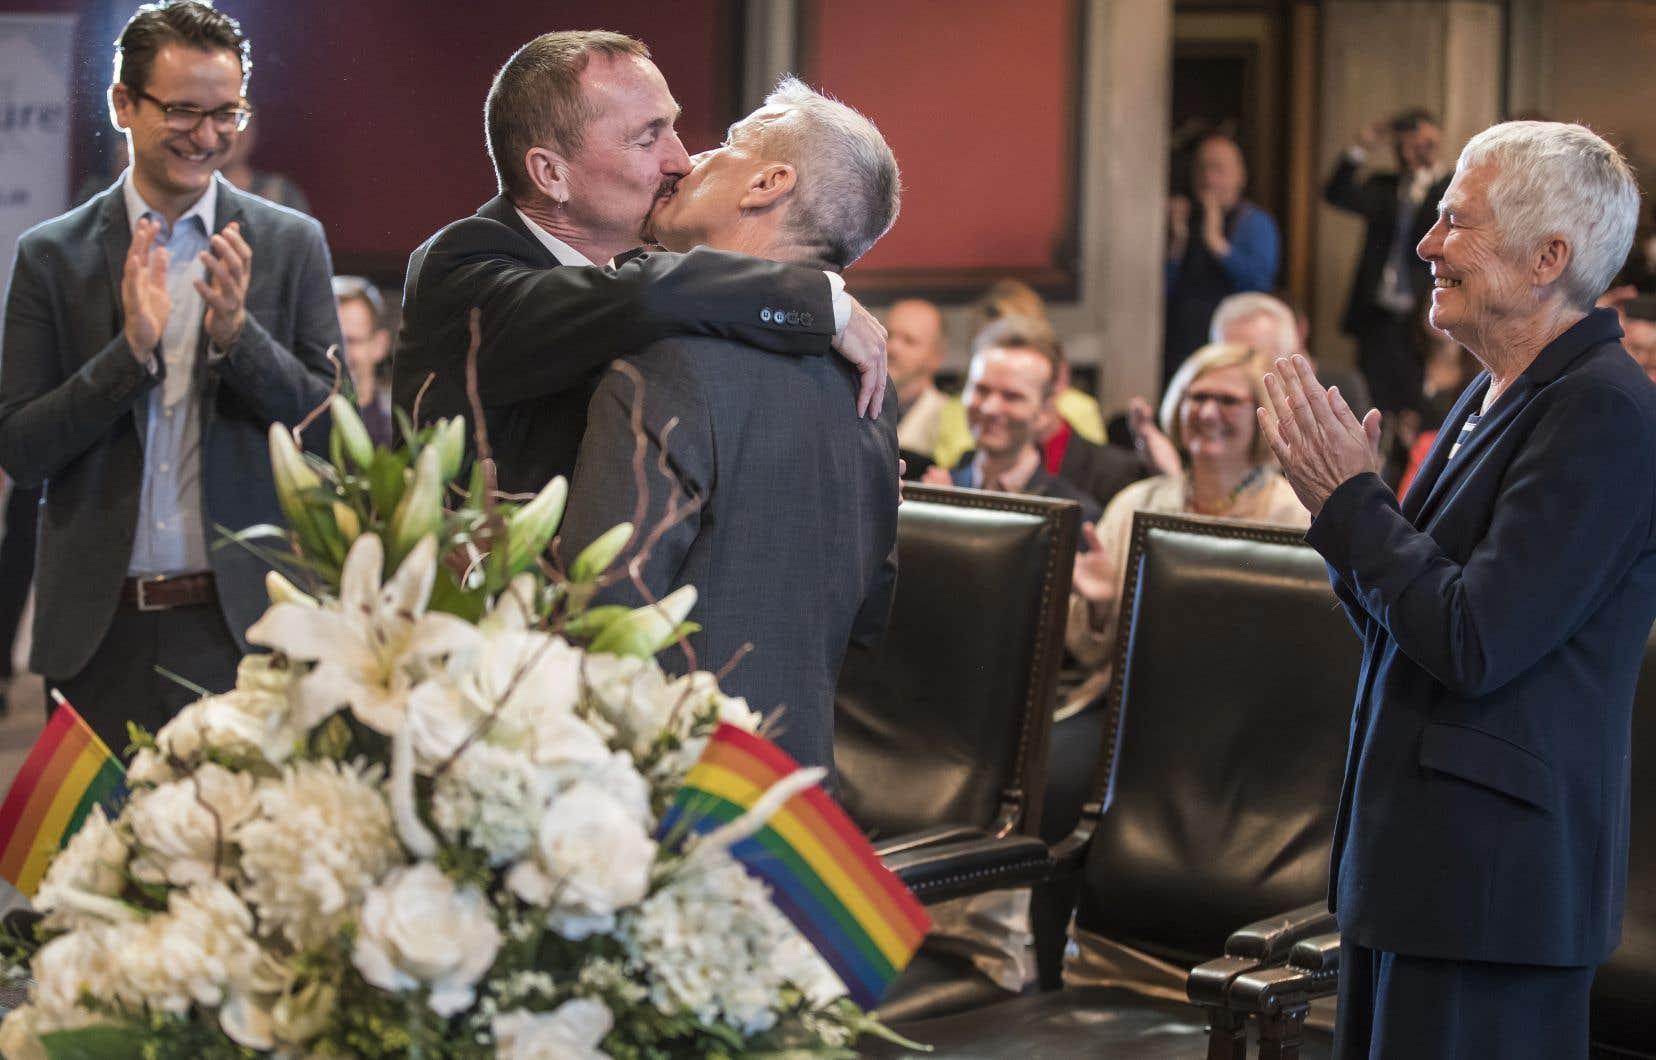 Bodo Mende, à droite, et Karl Kreile lors de leur cérémonie maritale, dimanche, à Berlin